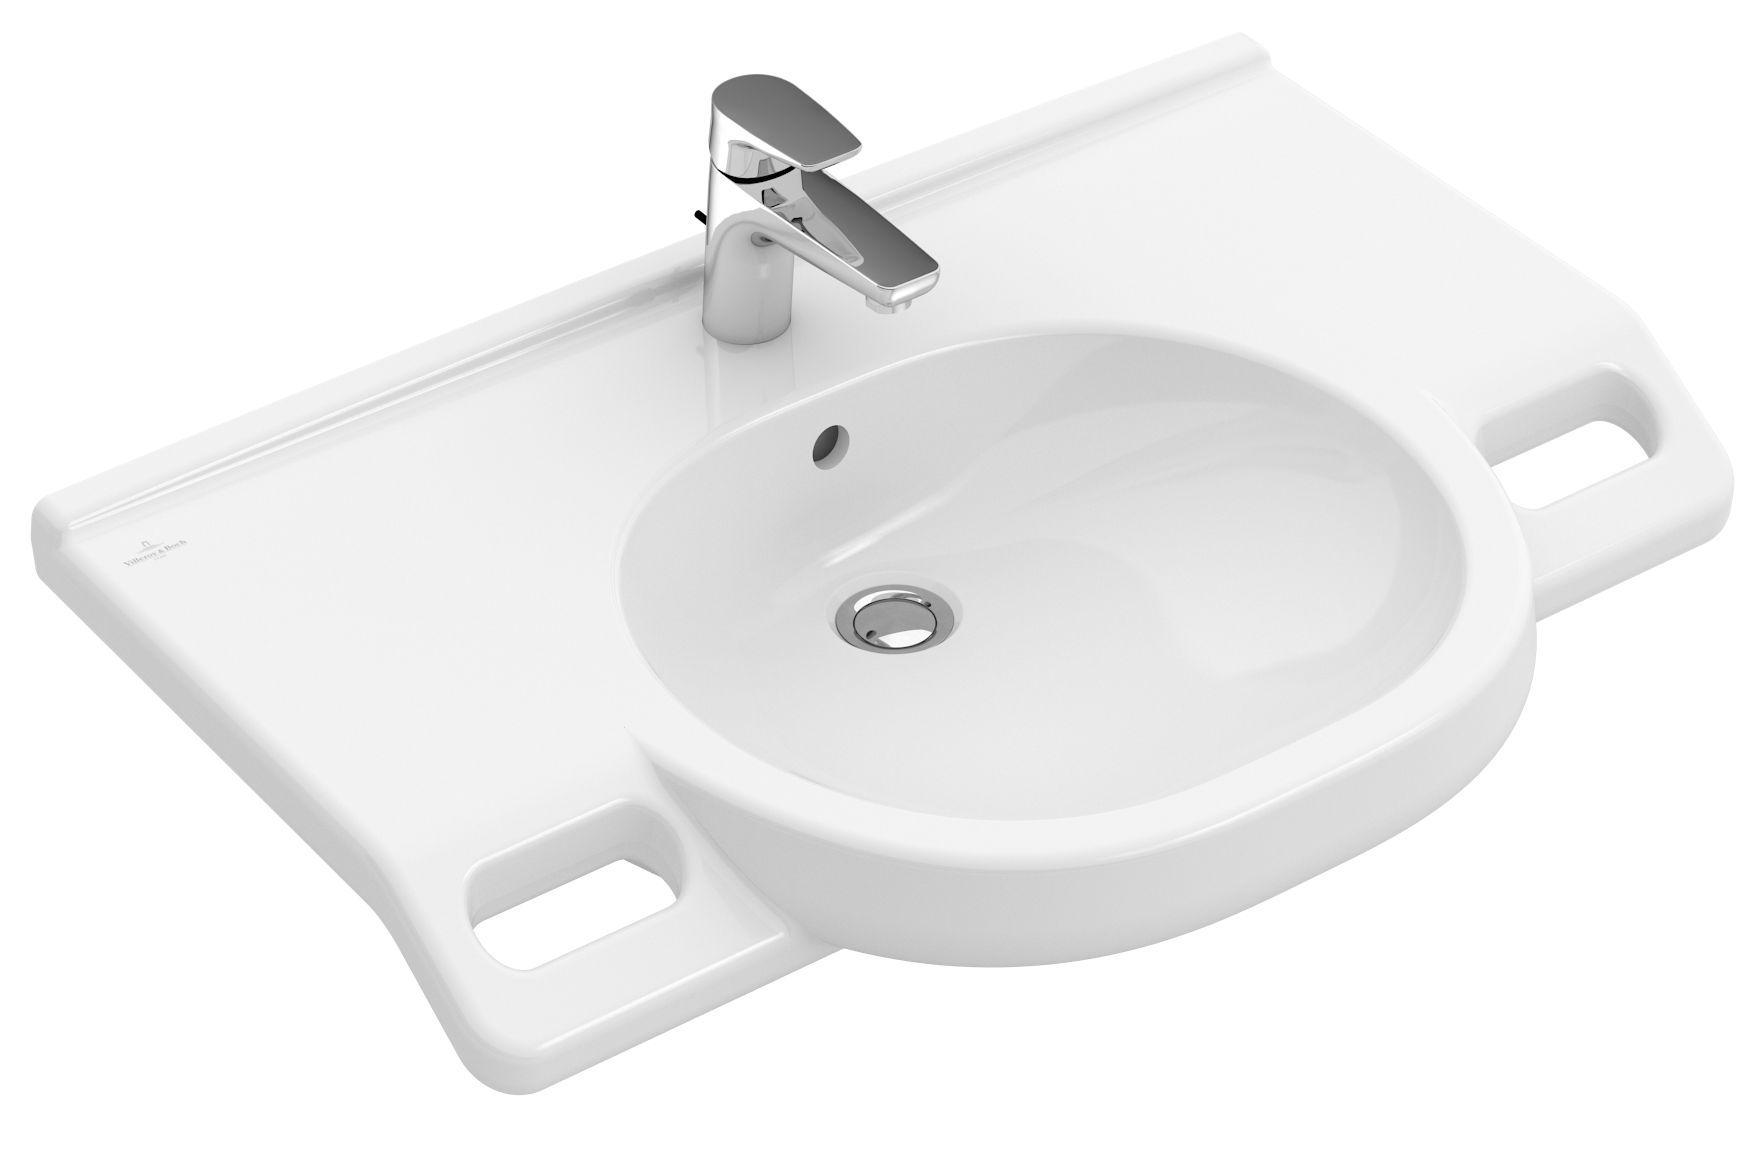 Villeroy & Boch O.novo Waschtisch oval B:81xT:56xH:18,5cm 1 Hahnloch mit Überlauf barrierefrei weiß mit AntiBac 412082T1